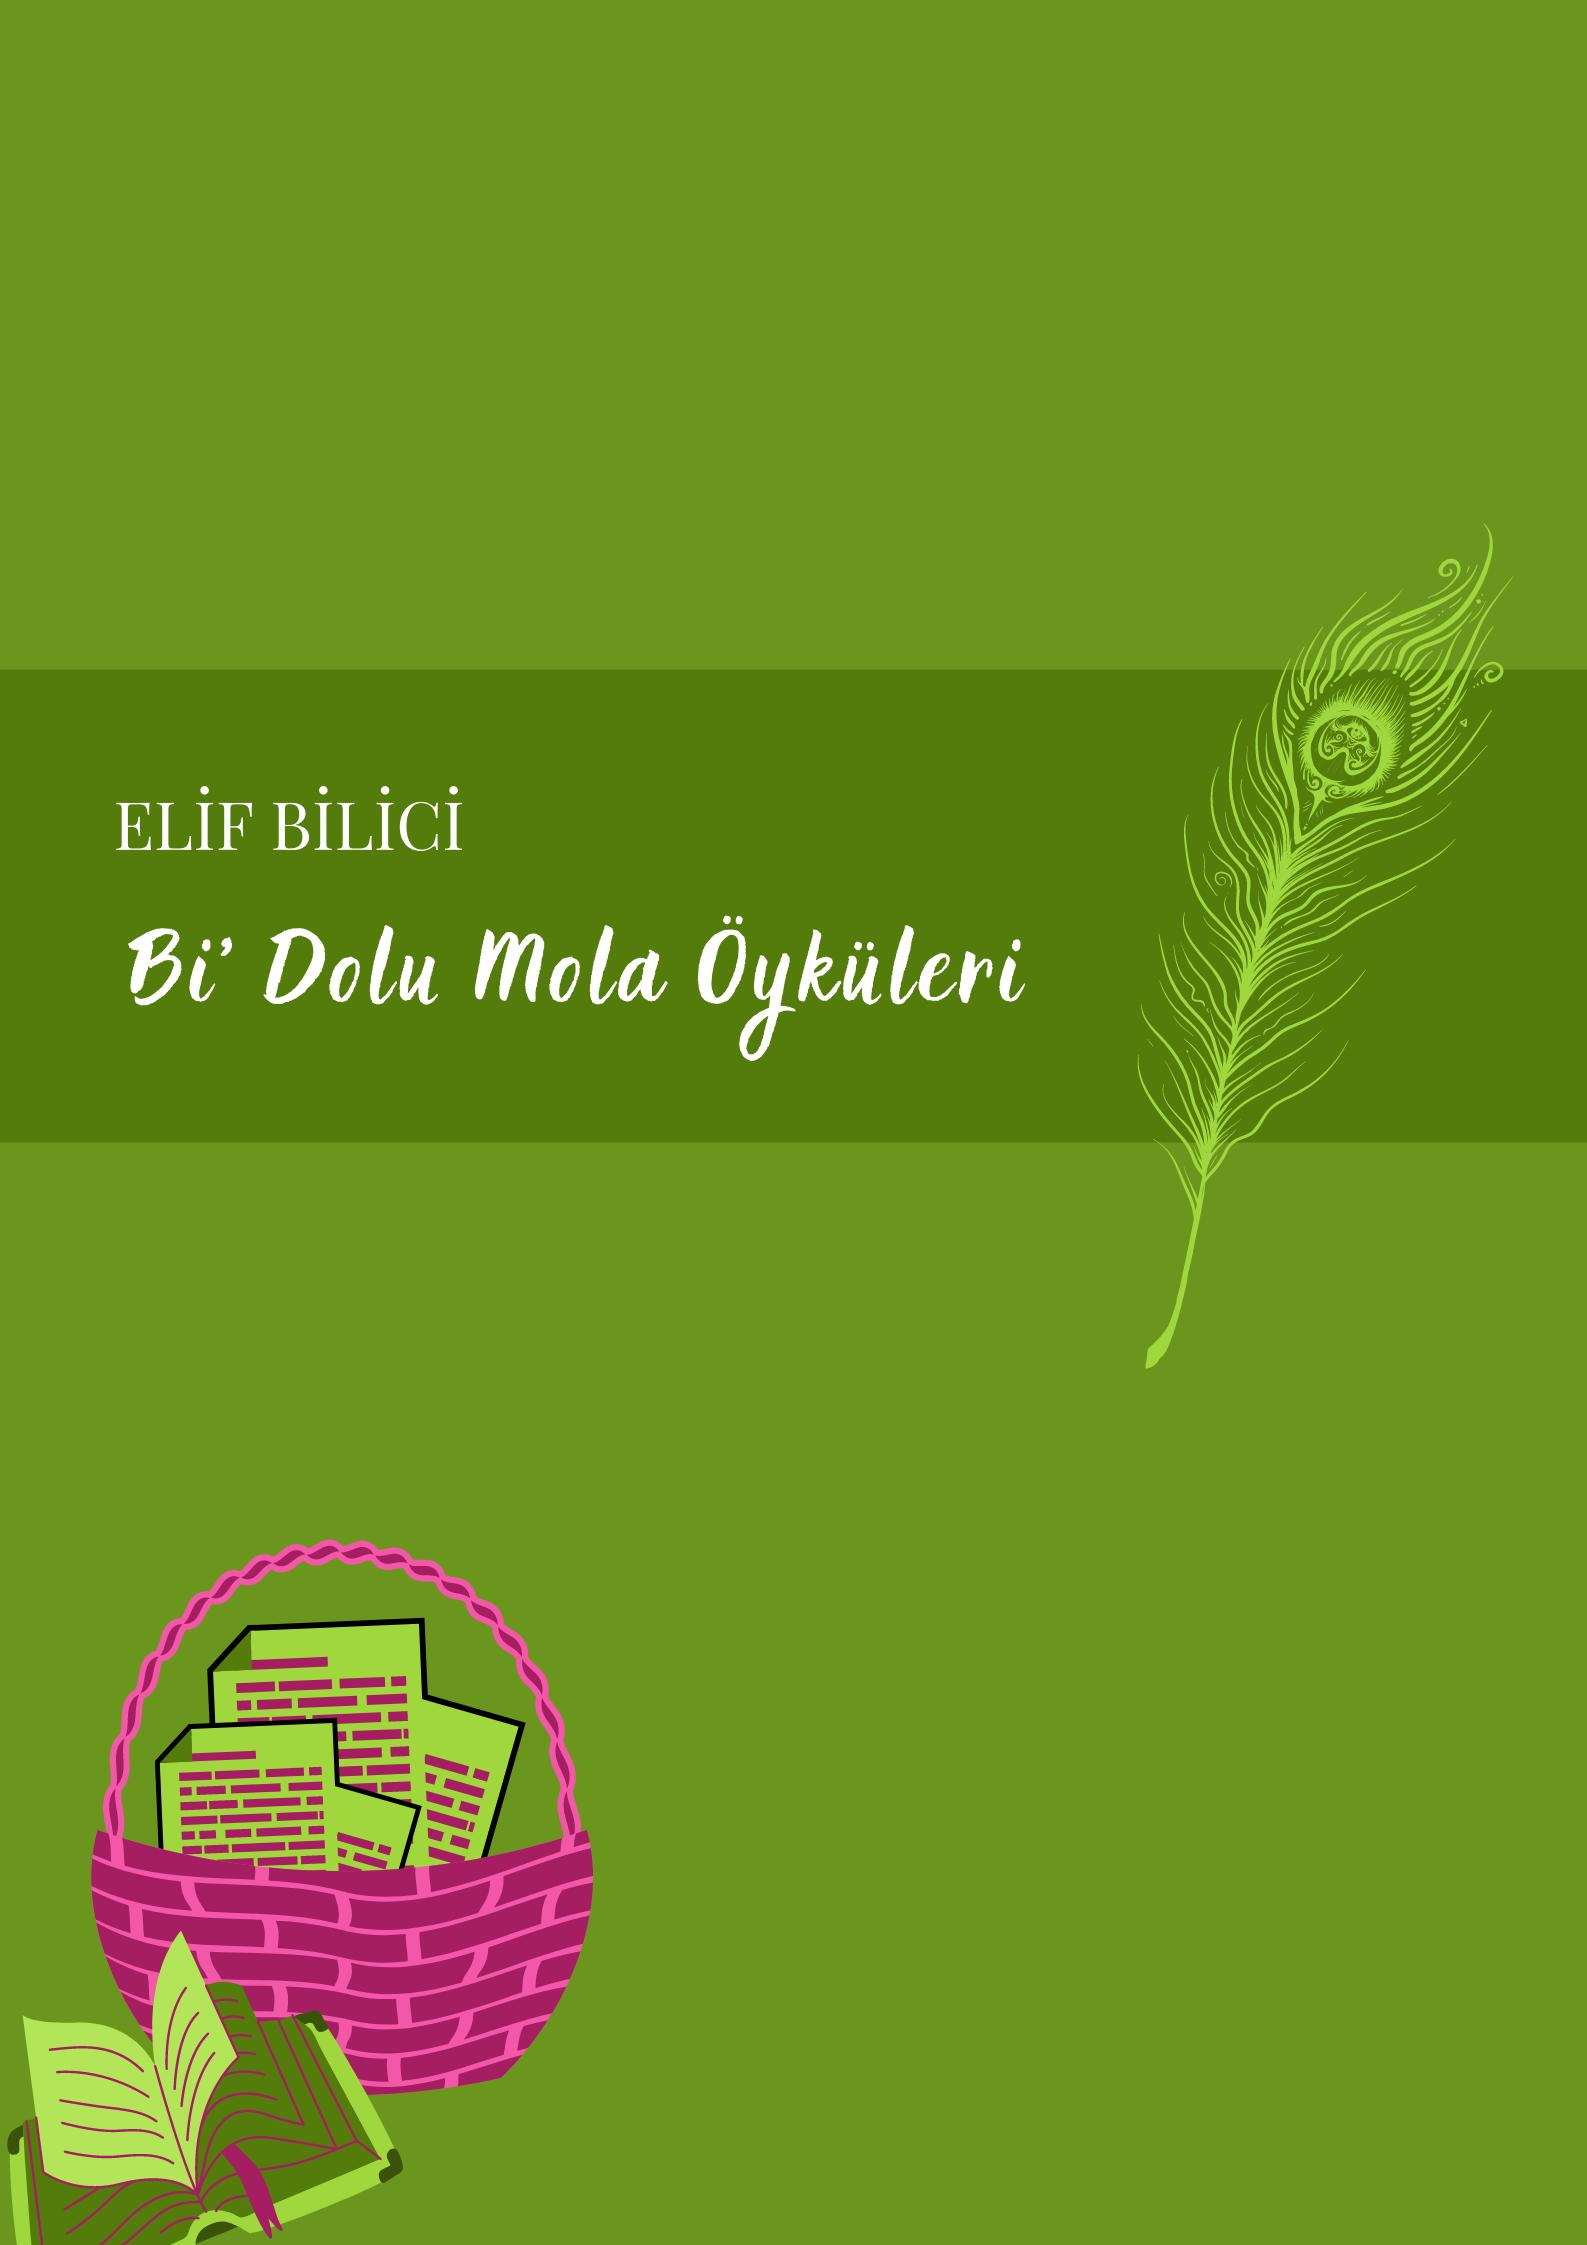 Öykü Köşesi Tanıtımları | Elif Bilici | Bi' Dolu Mola